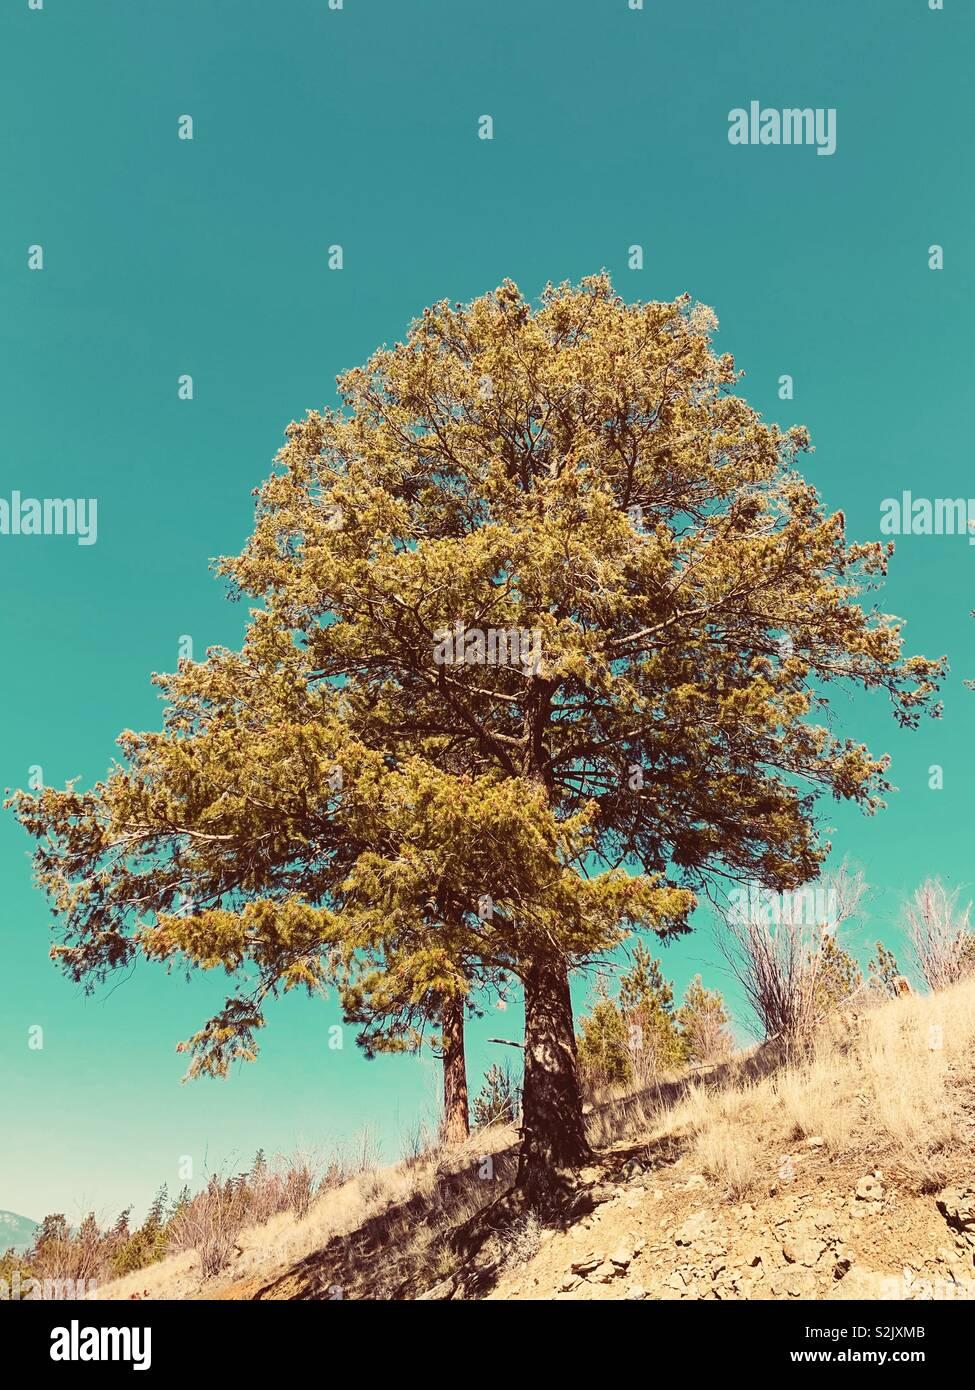 Arbre sur une colline avec ciel bleu. Photo Stock